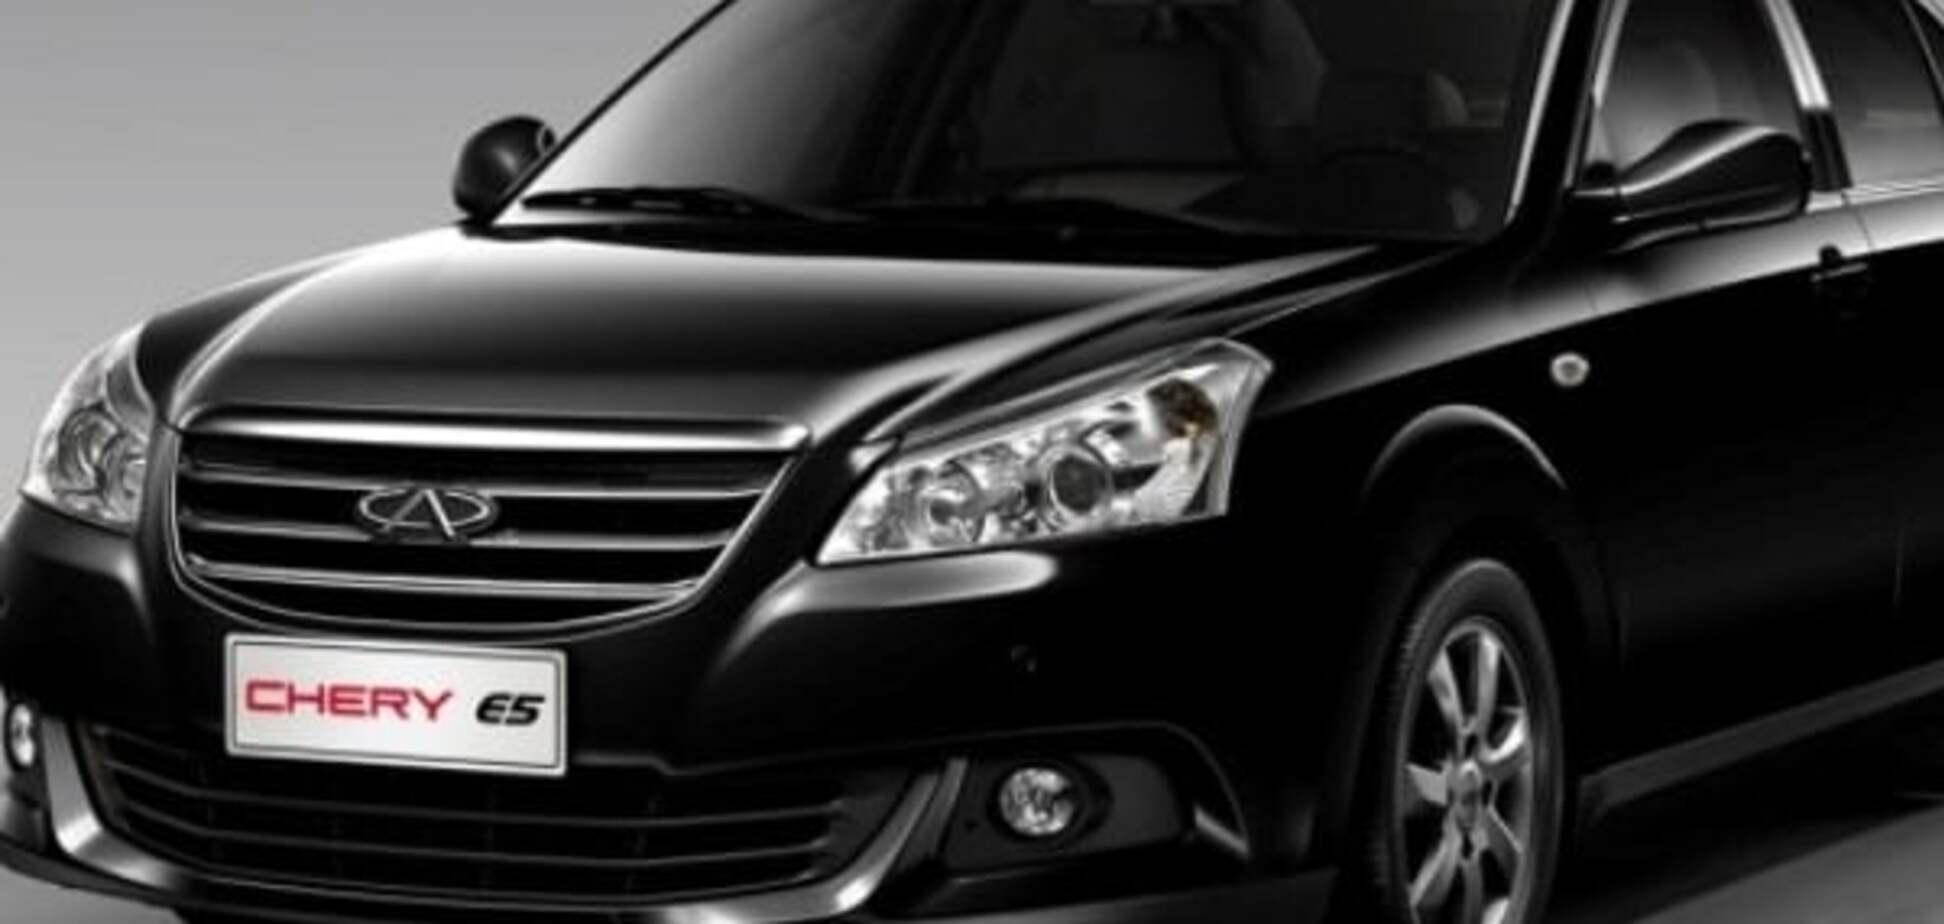 Авто по карману: топ-8 бюджетных машин на украинском рынке